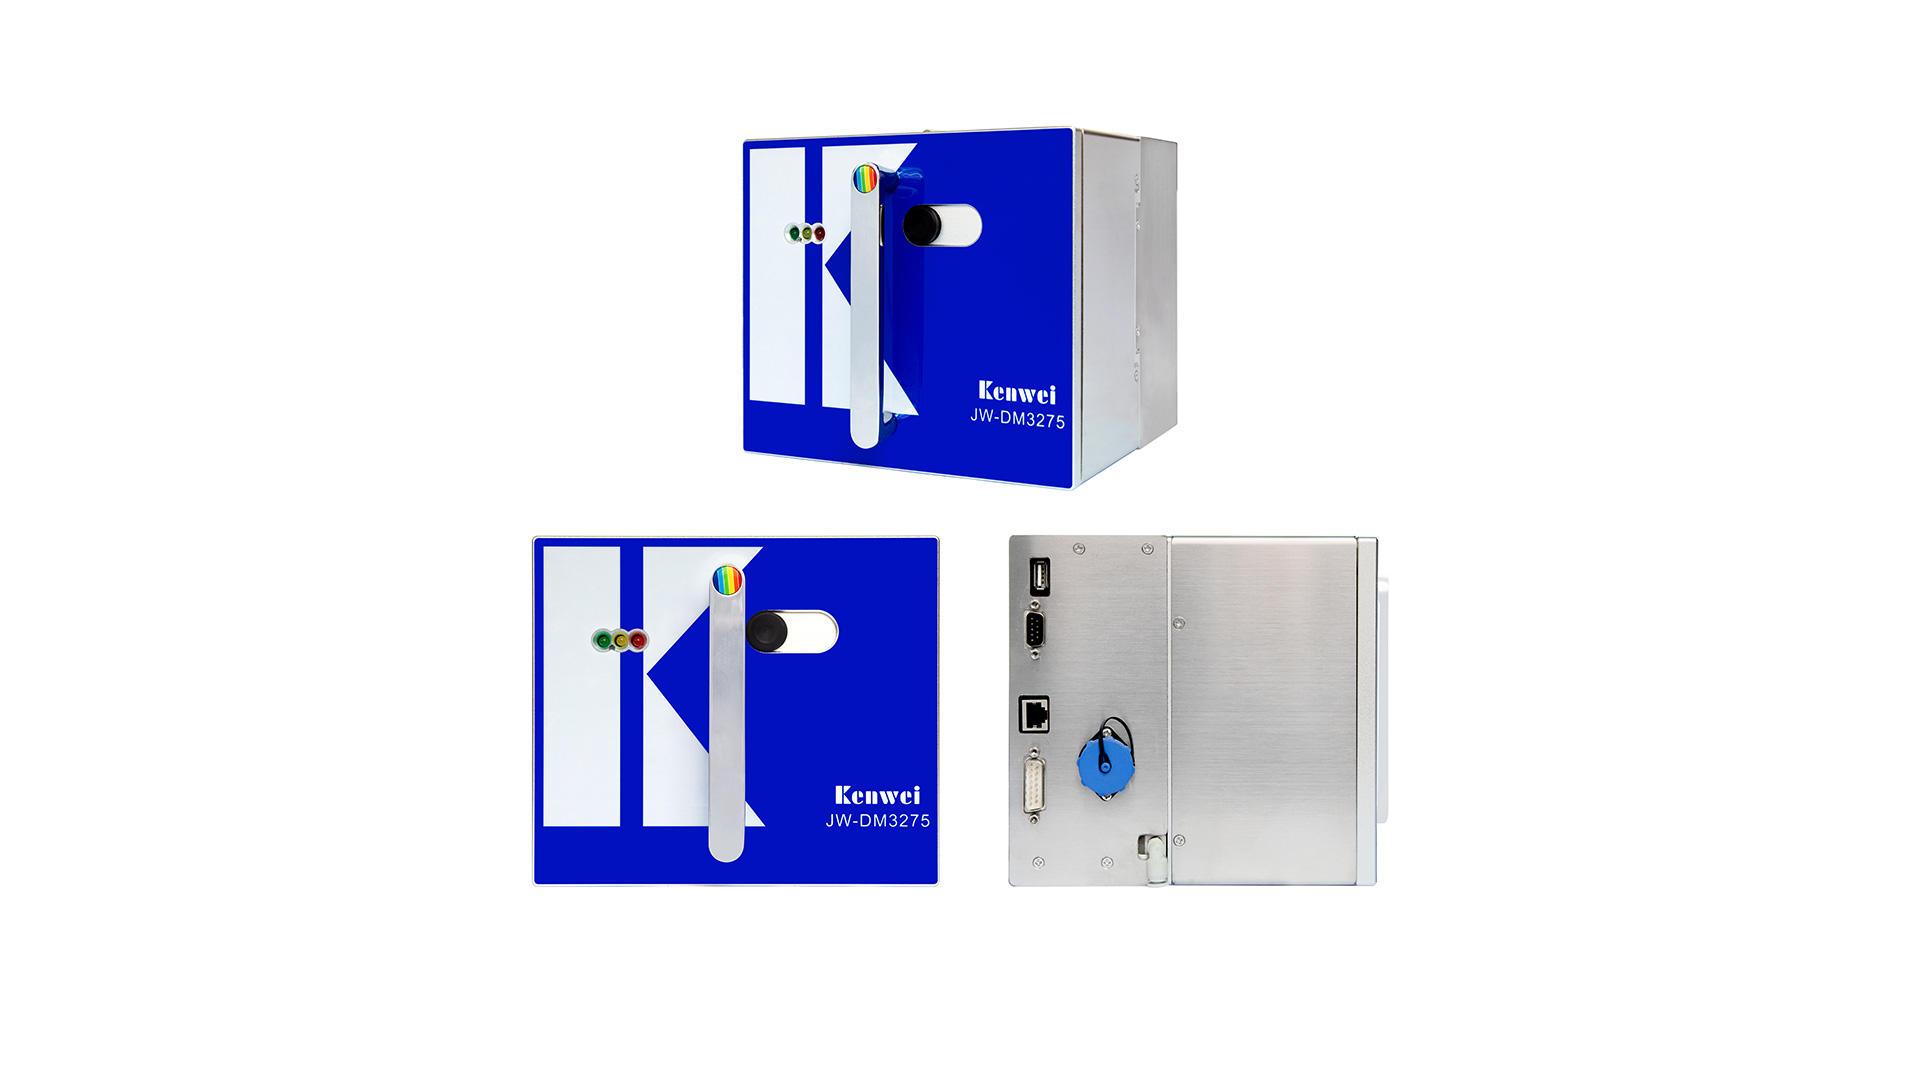 Impresora de transferencia térmica de alto rendimiento